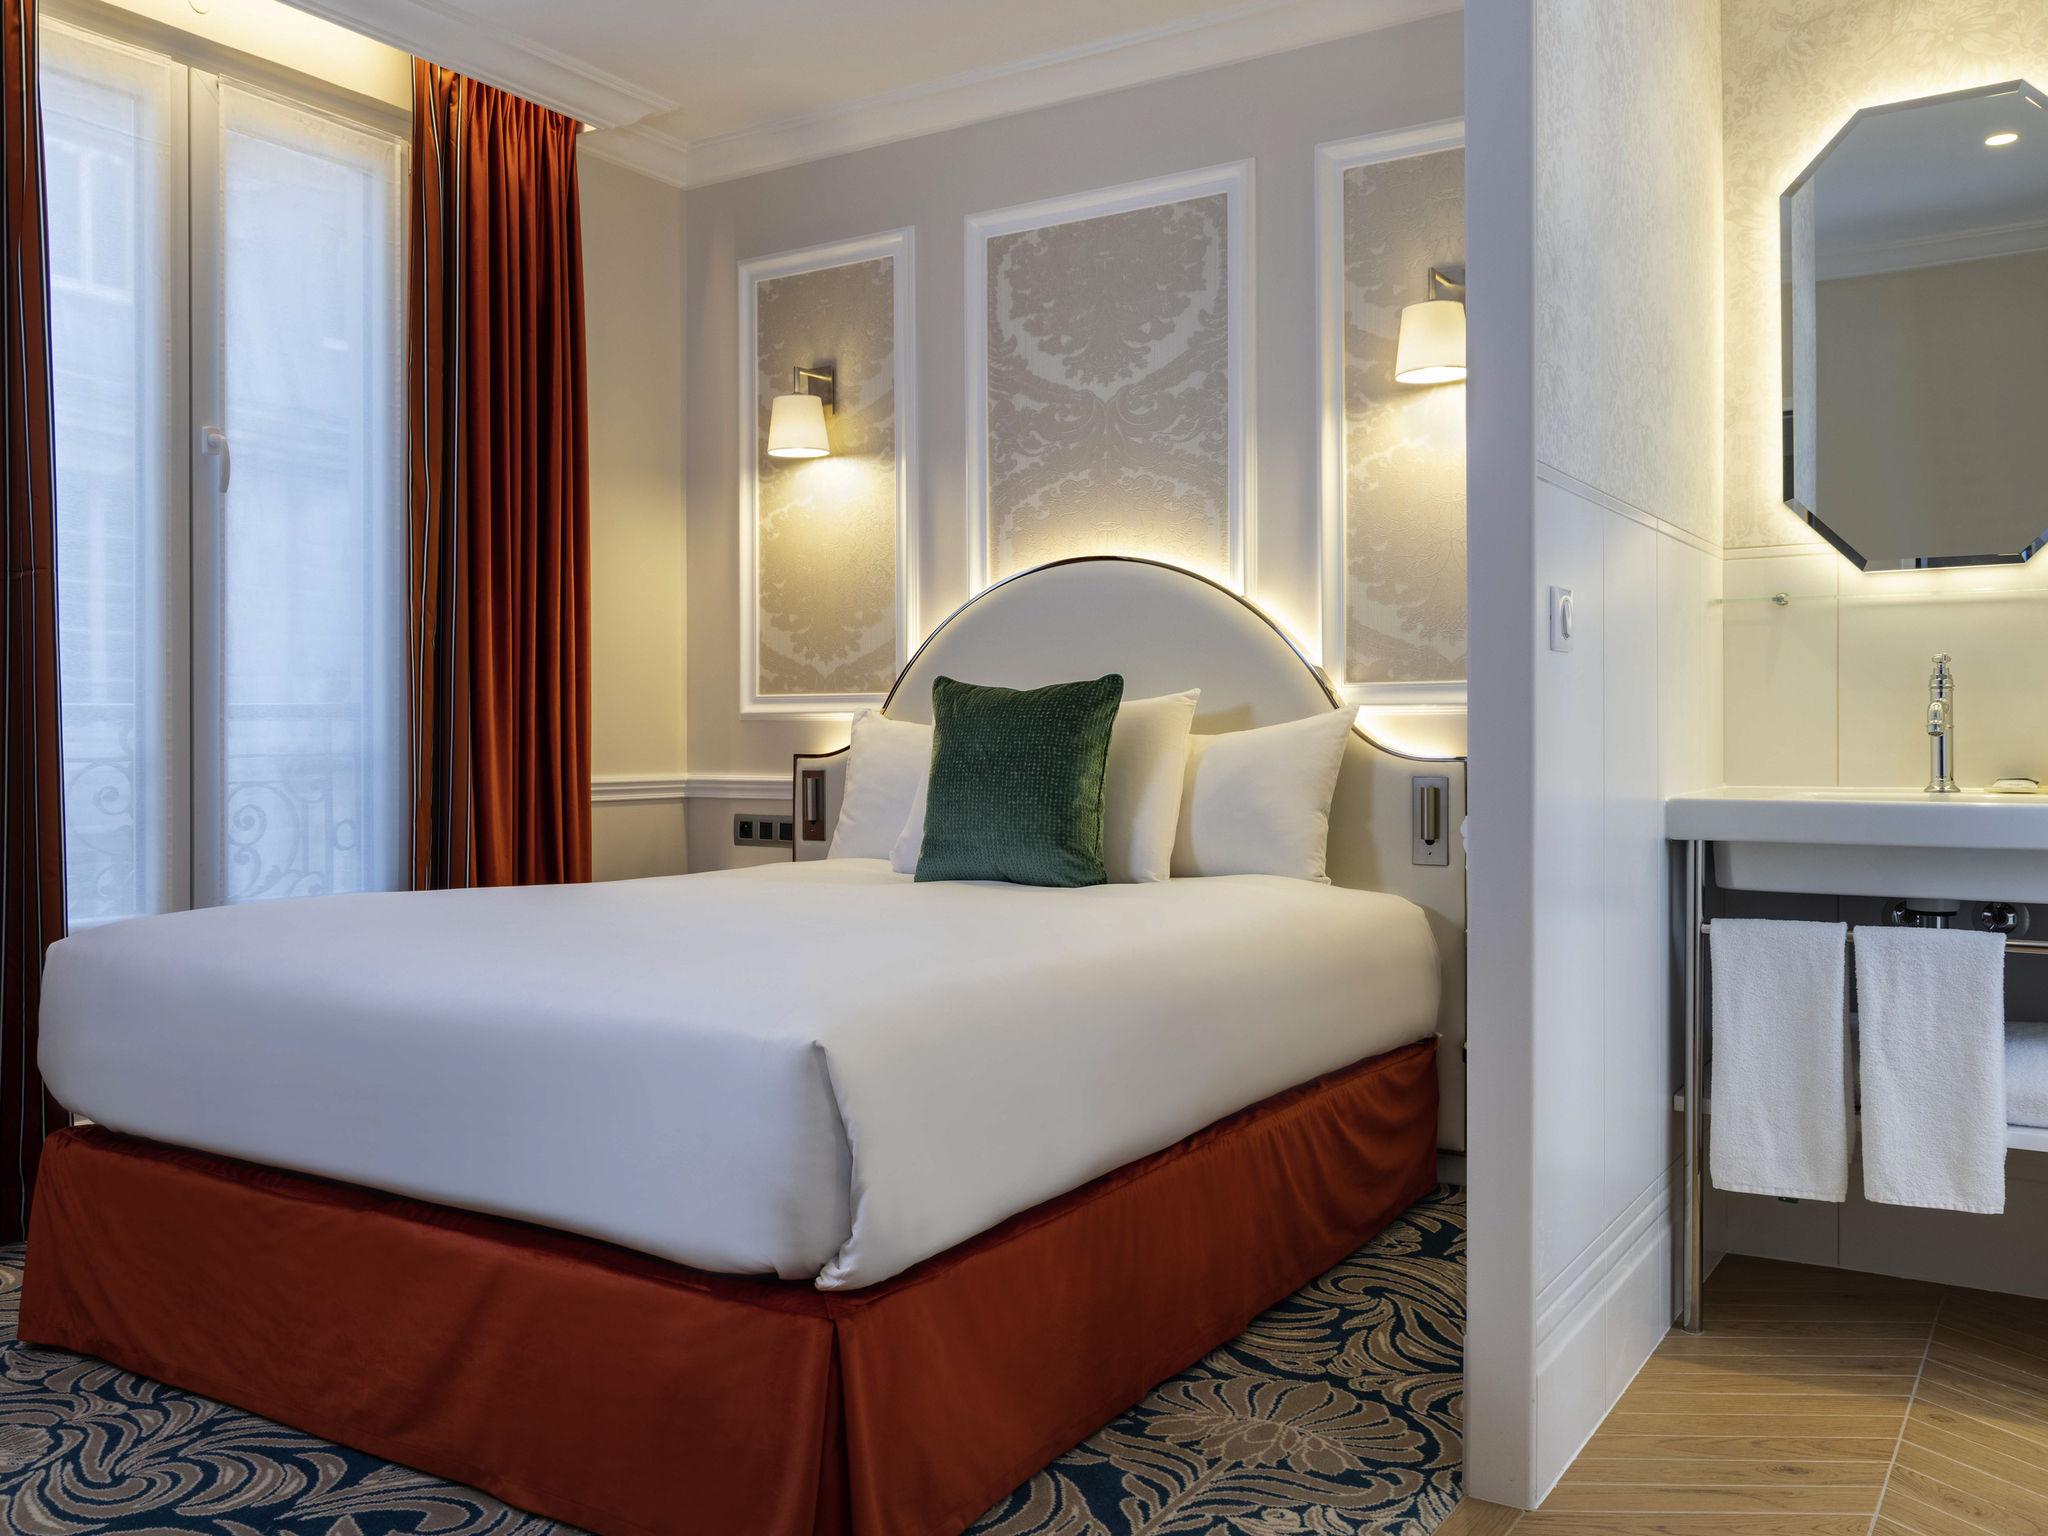 酒店 – 巴黎索邦美居酒店